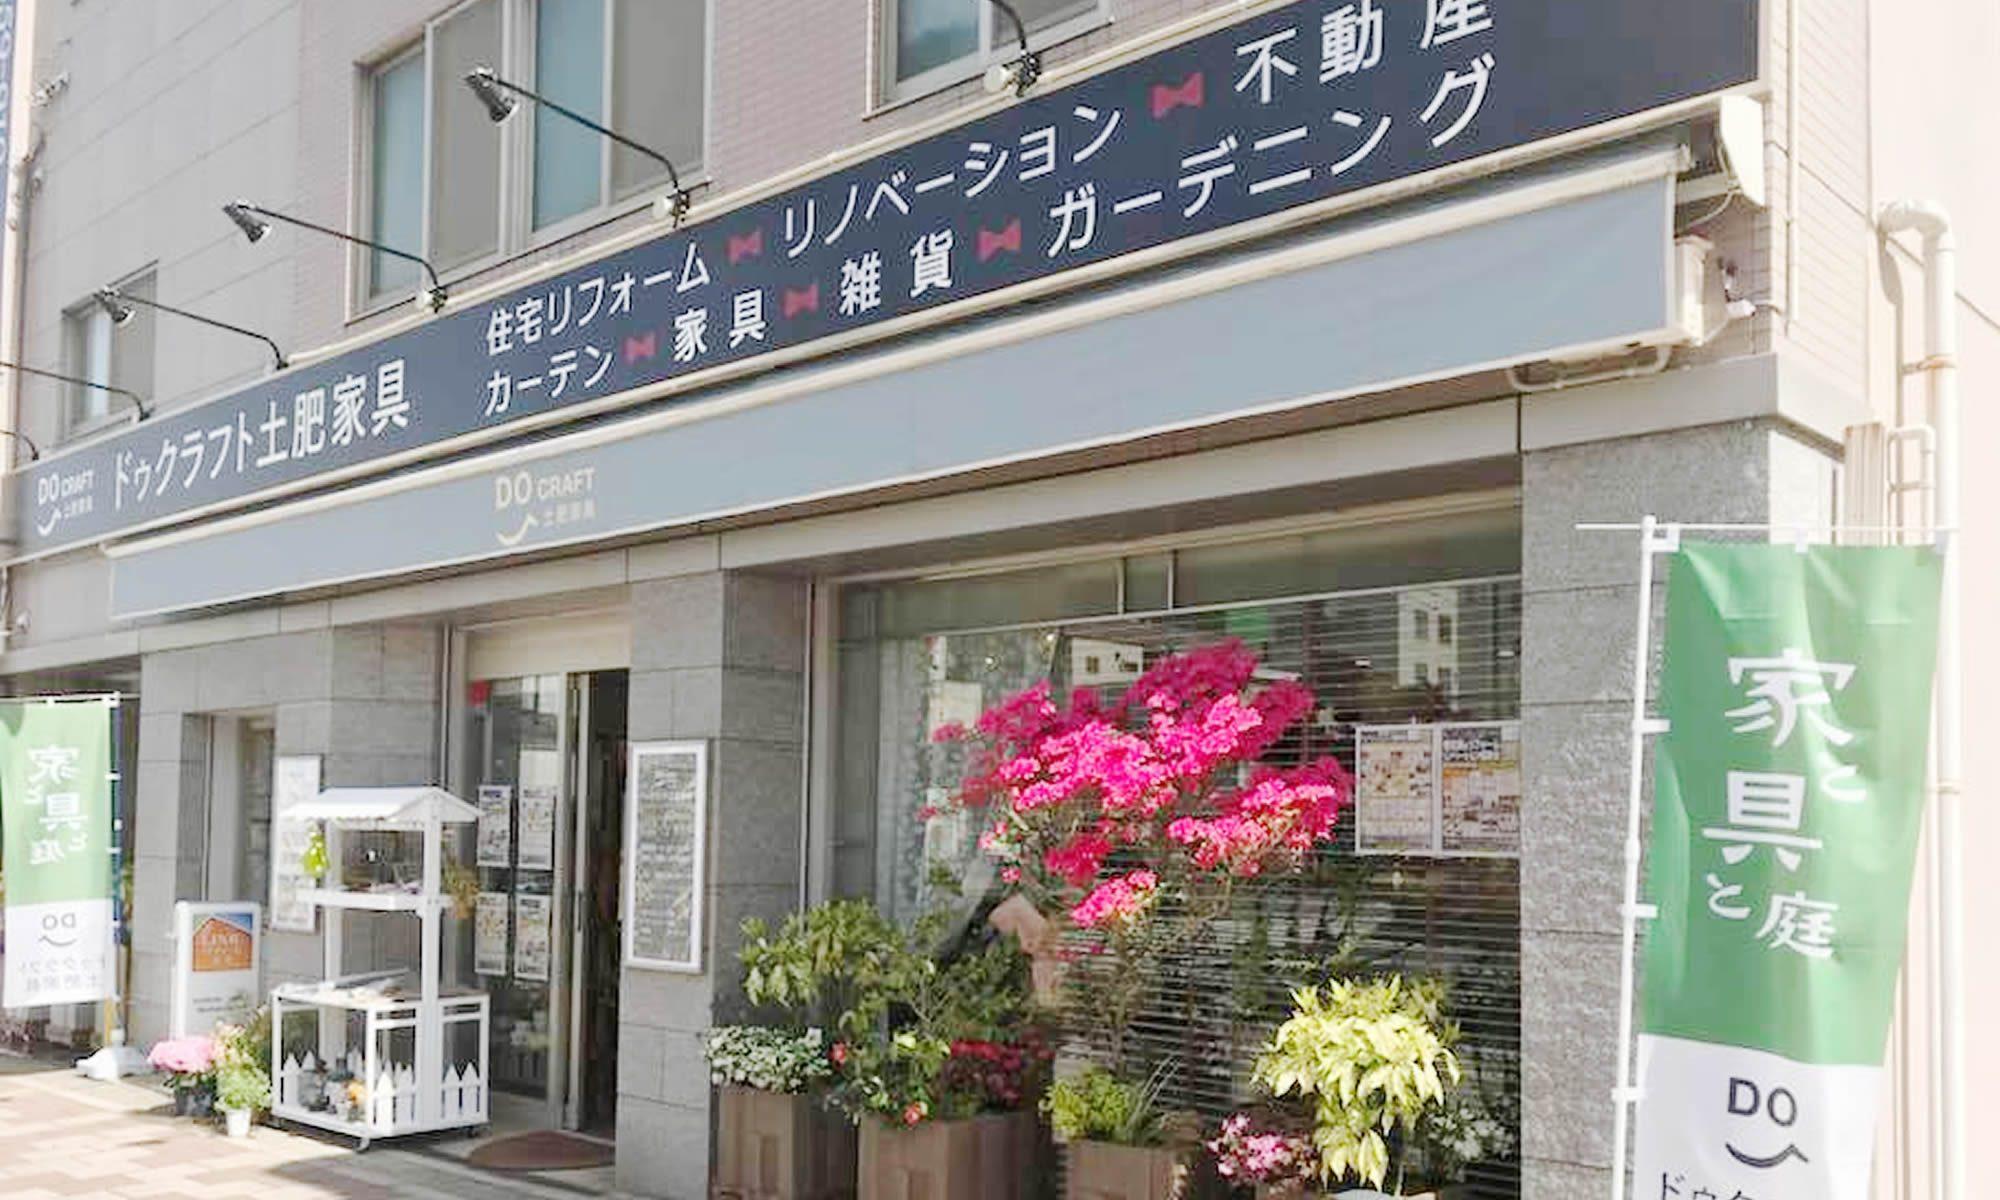 広島市・呉市・東広島市のリフォーム会社、ドゥクラフトのリフォーム豆知識ブログ